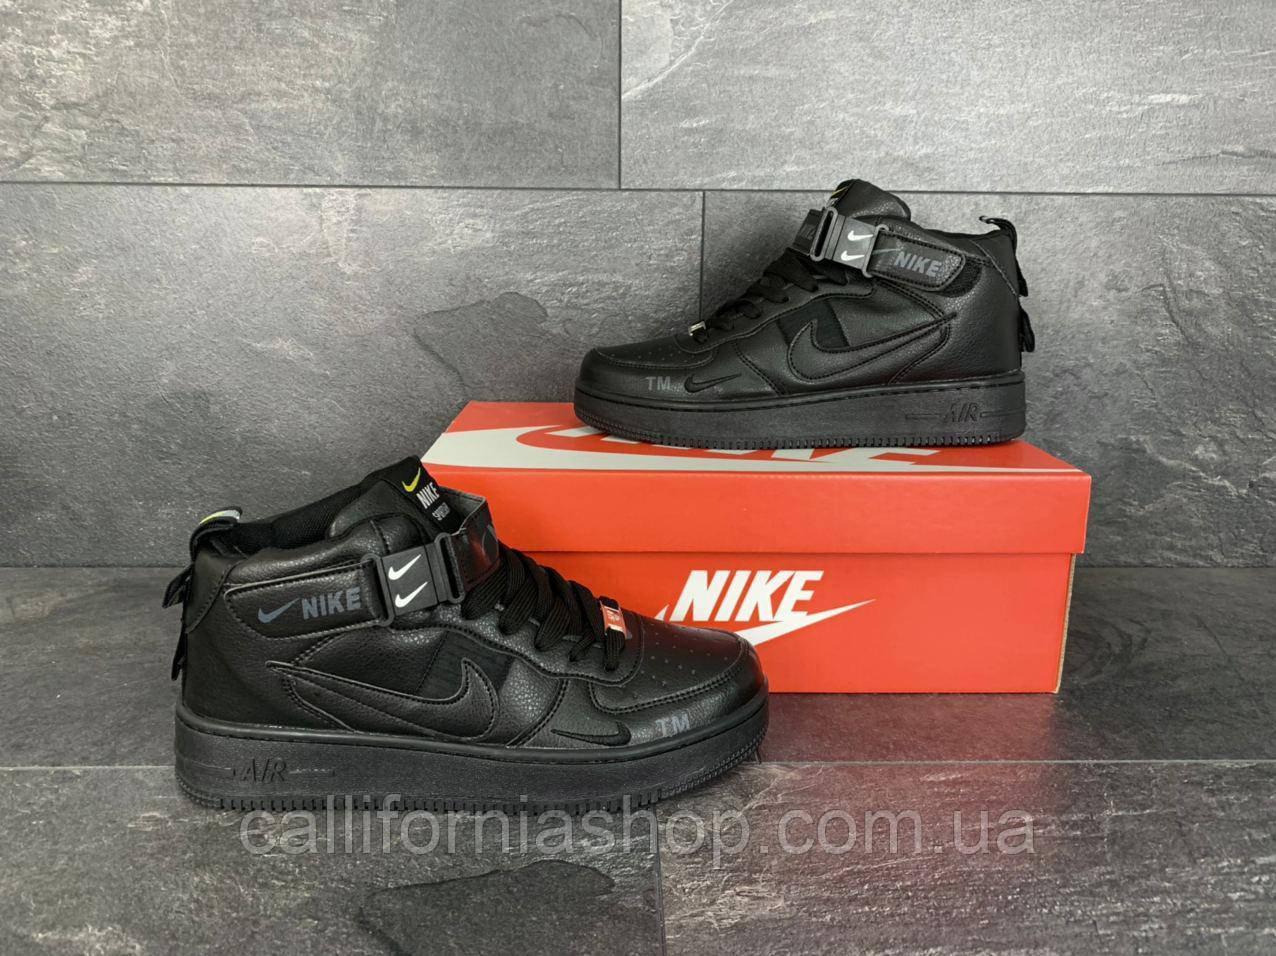 Мужские черные кроссовки Nike Air Force 1 высокие кожаные демисезонные